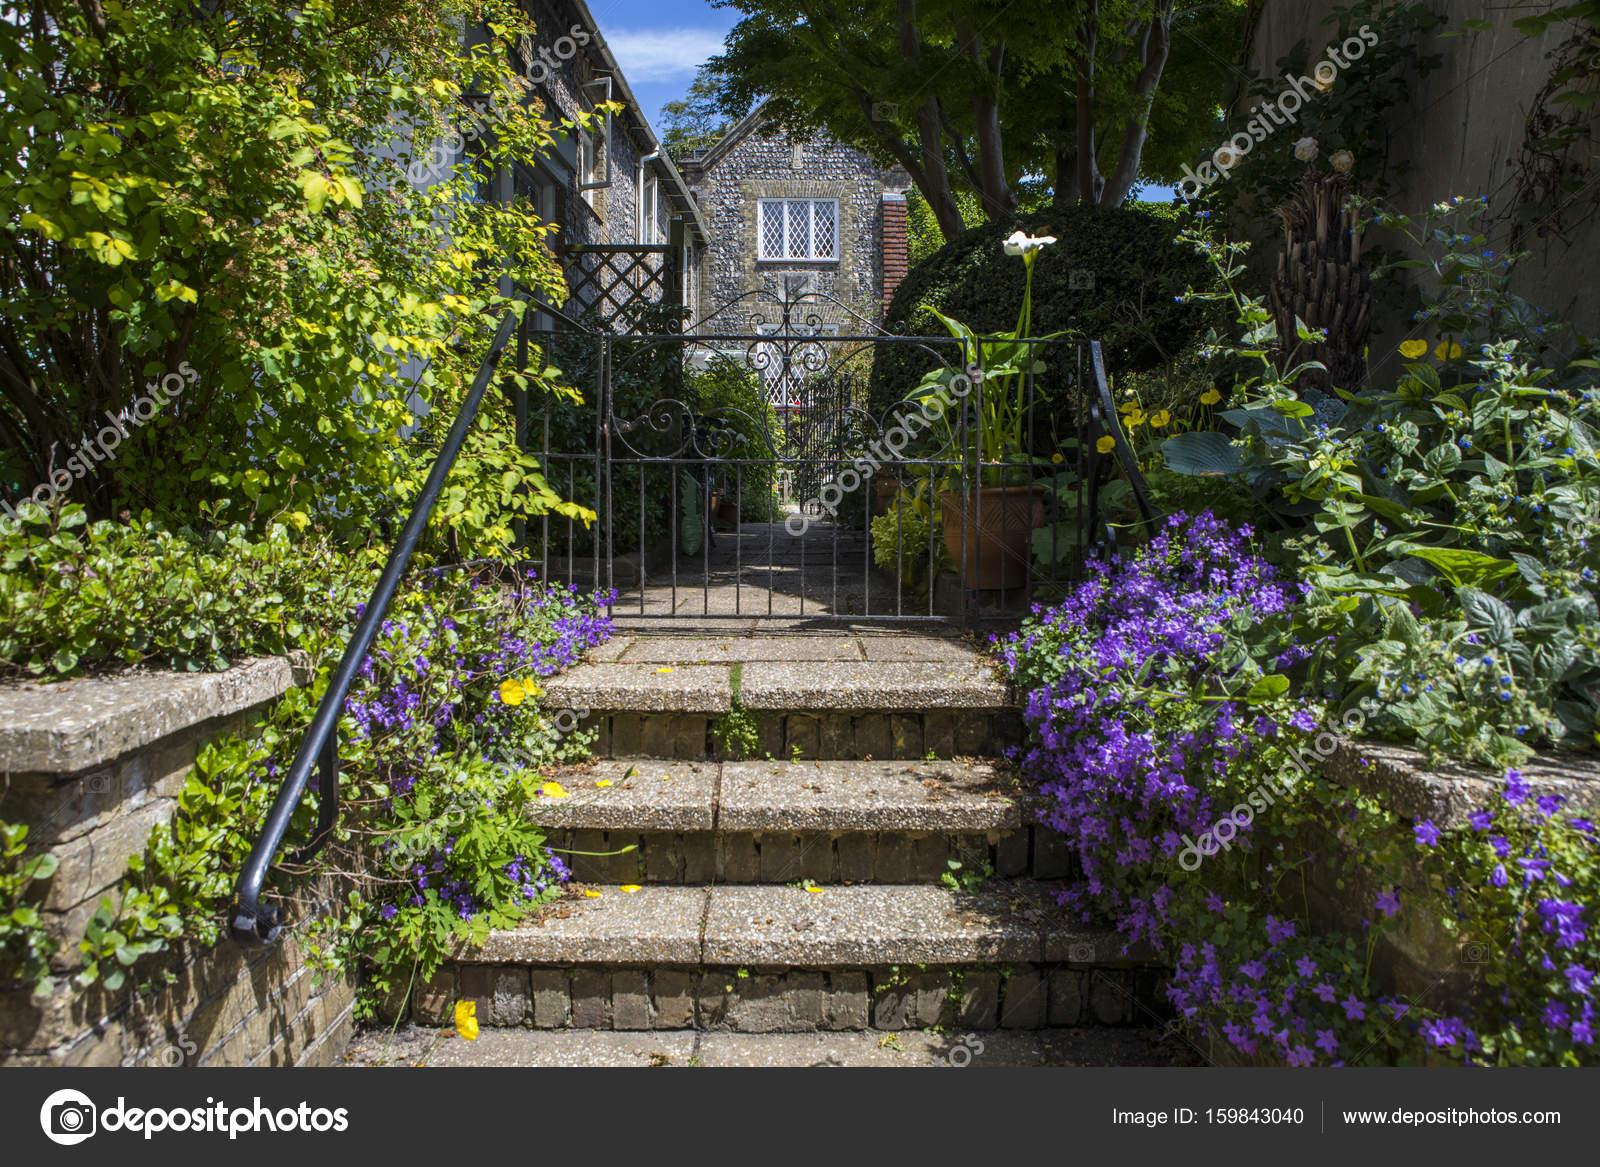 Casa di campagna inglese foto stock chrisdorney 159843040 for Design di casa di campagna inglese